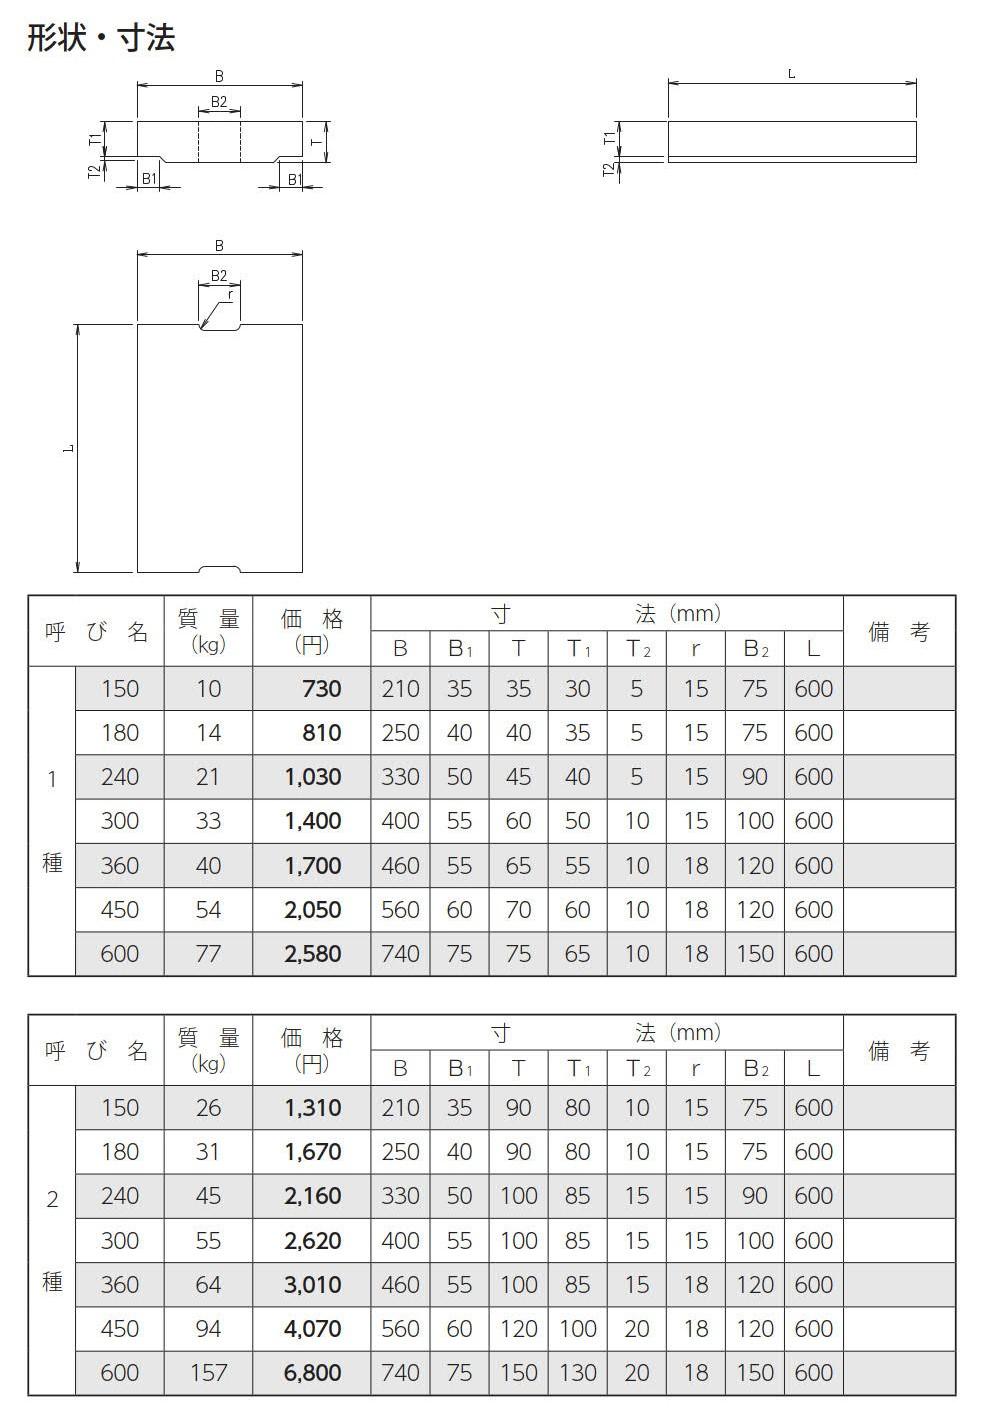 道路用一般側溝|上ぶた式U形側溝(U字溝)<JIS A 5372> 外形寸法 1